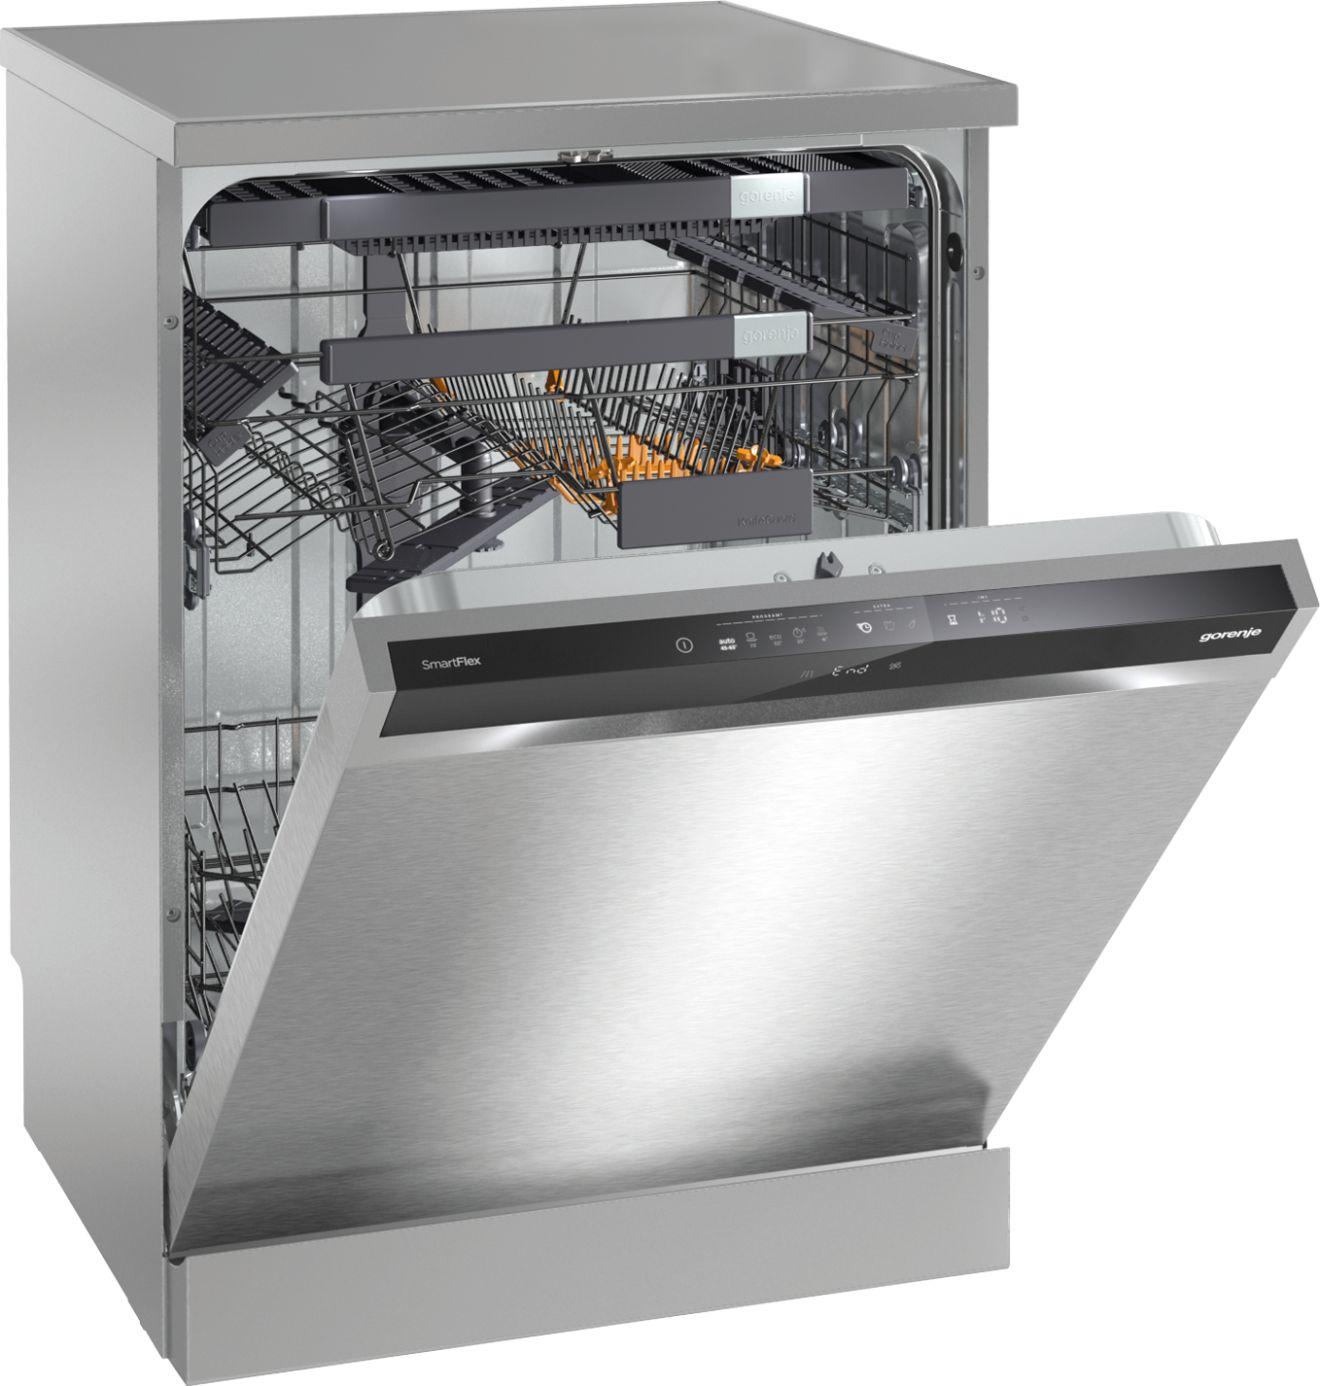 https://www.quellavevaisselle.com/images/communs/artGorenje-GS66260X-Lave-vaisselle pose-libre